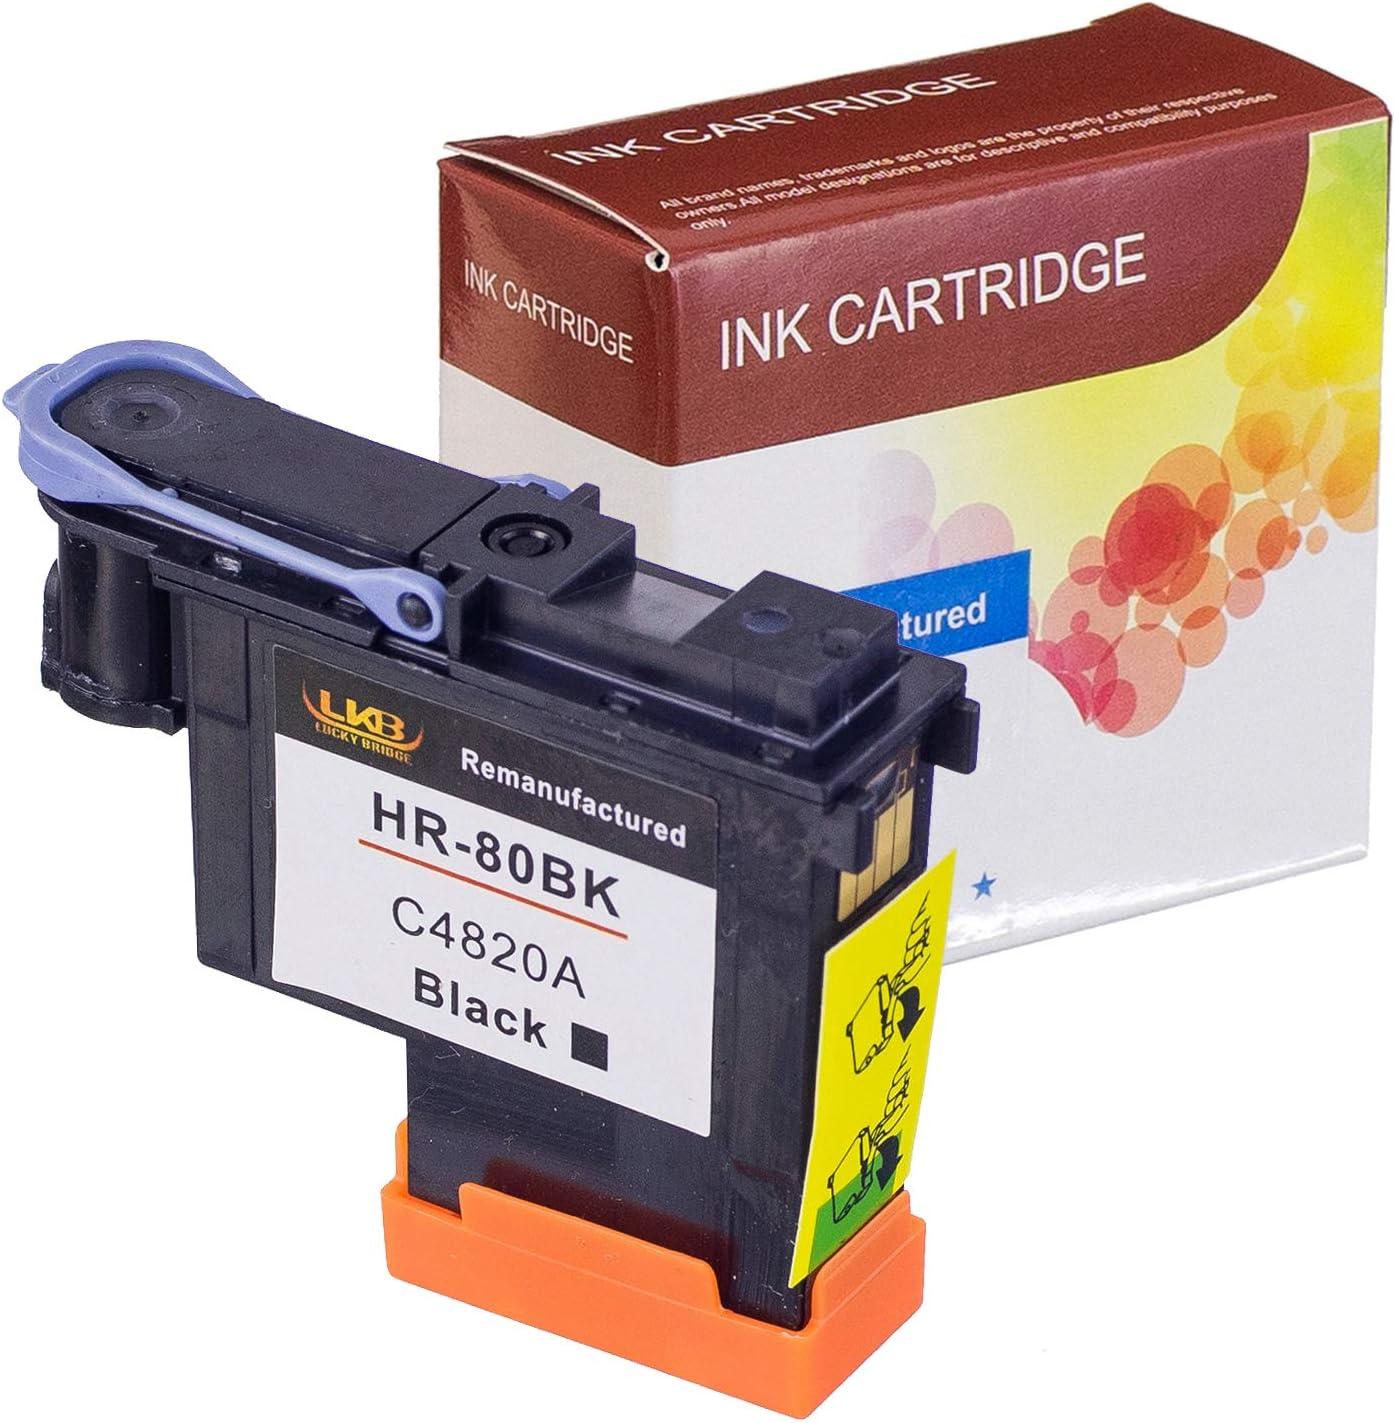 LKB C4820A - Cabezal de impresión para HP DesignJet 1050c 1050c Plus 1055C 1055cm 1055cm Plus (1BK), Color Negro: Amazon.es: Oficina y papelería